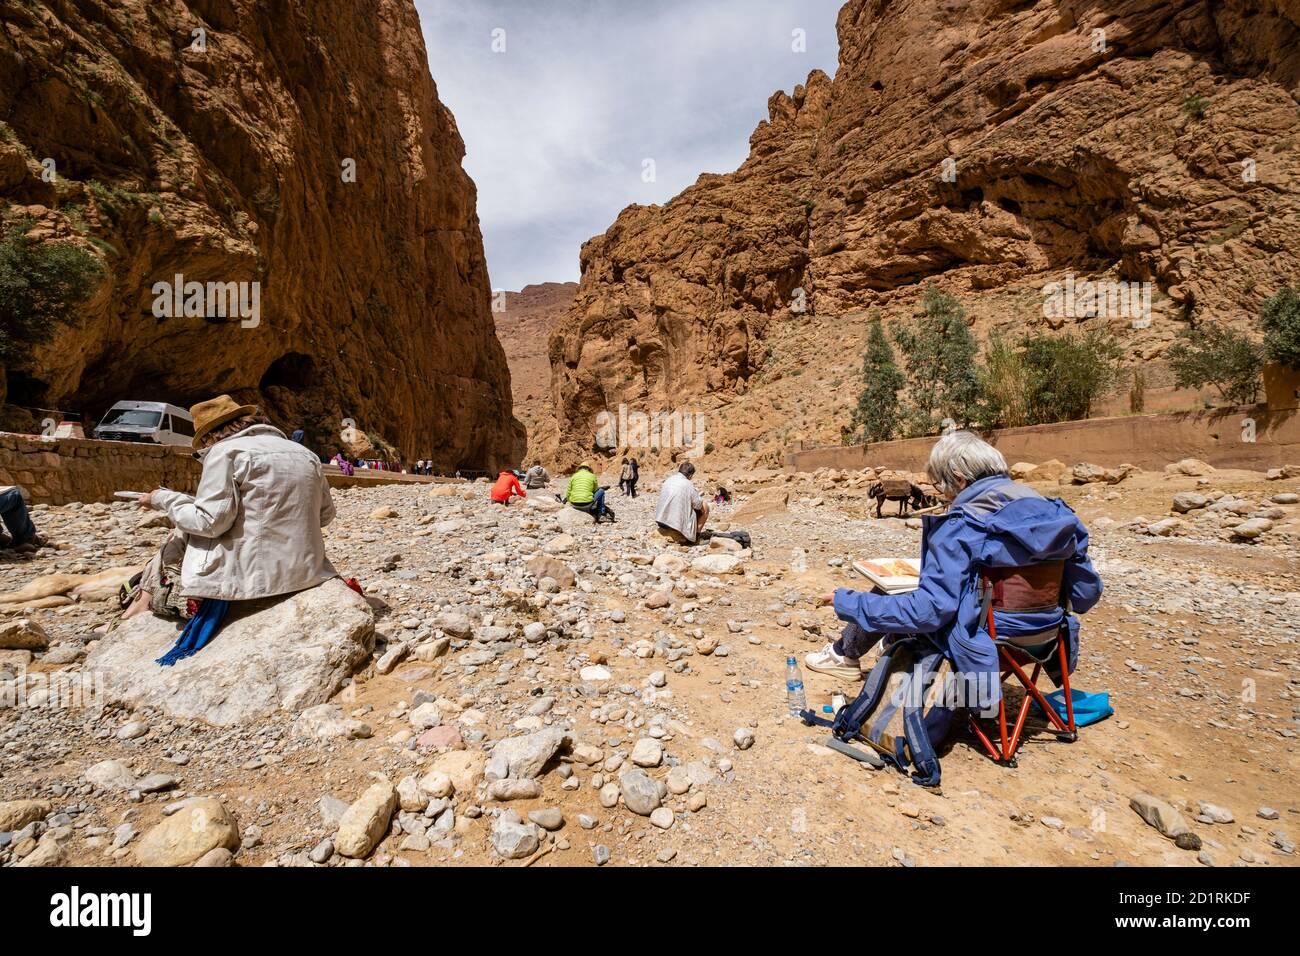 escuela de pintores estudiando en las Gargantas del Todgha, Alto Atlas, Marruecos, Africa Stock Photo